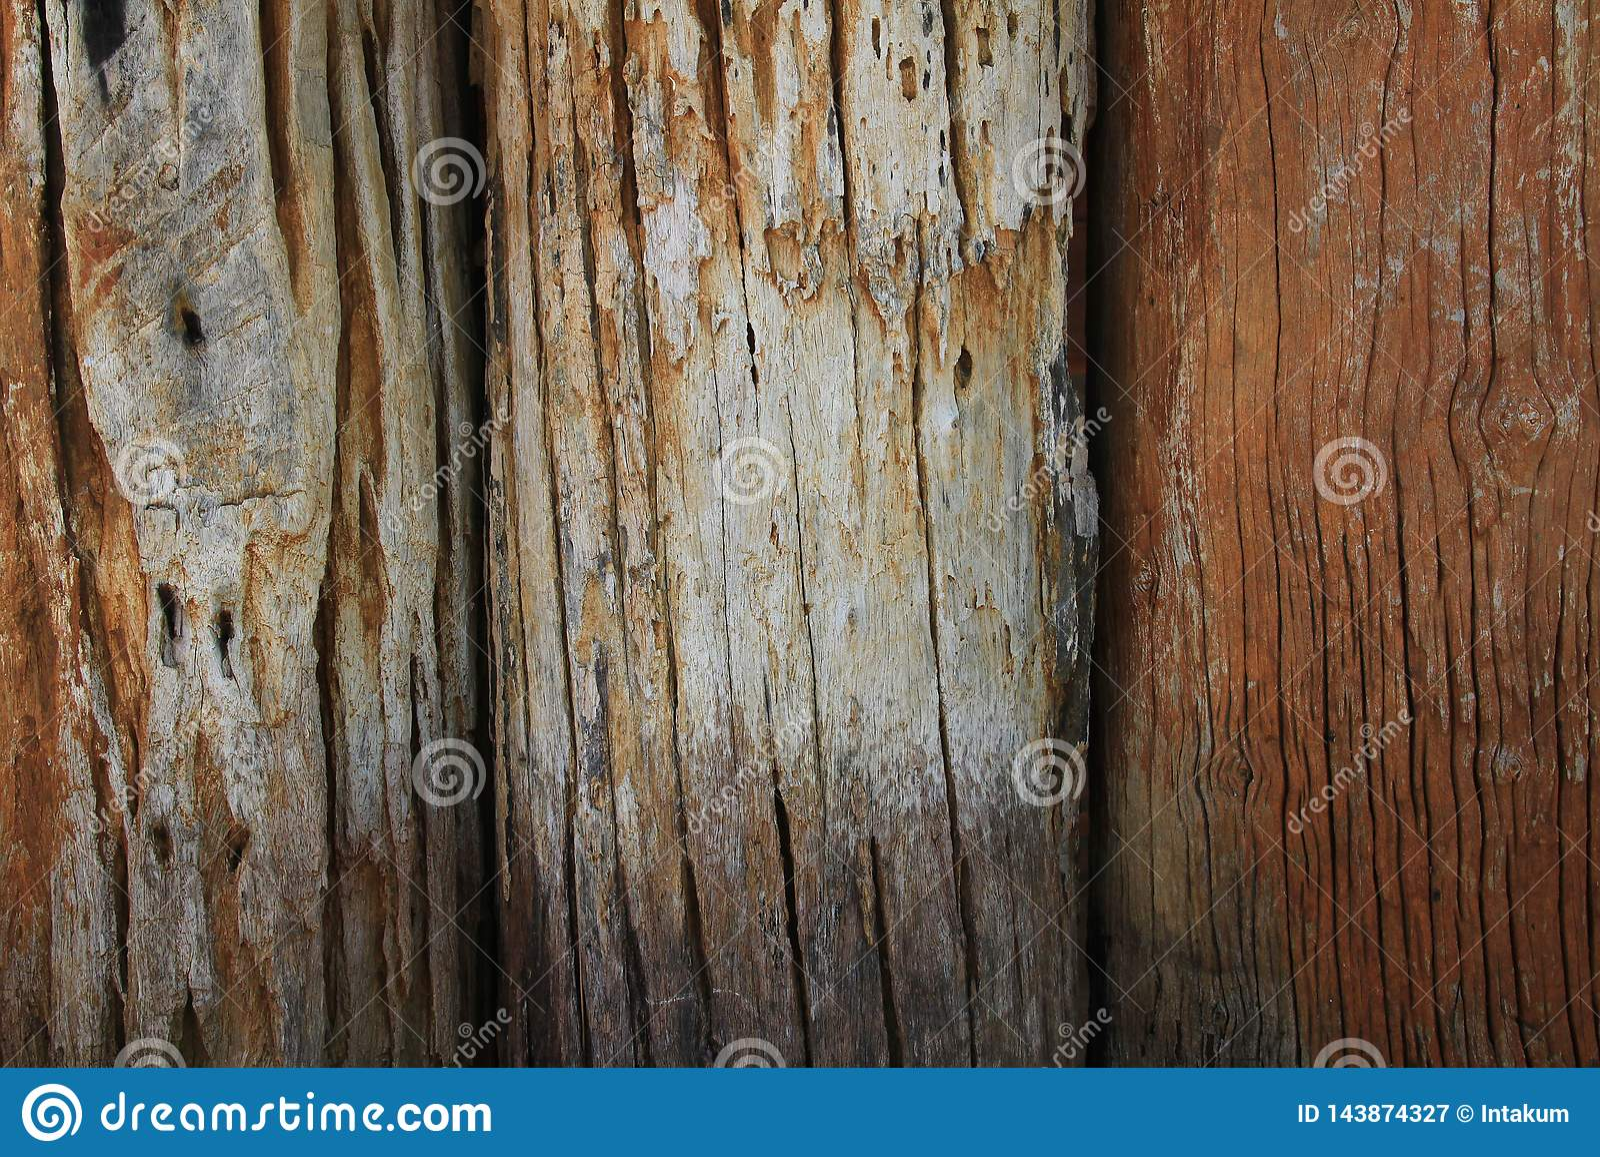 Texture en bois Du vieux bois de rondin par partie du tronc ou une grande branche d un arbre ont été rayés pour faire le mur